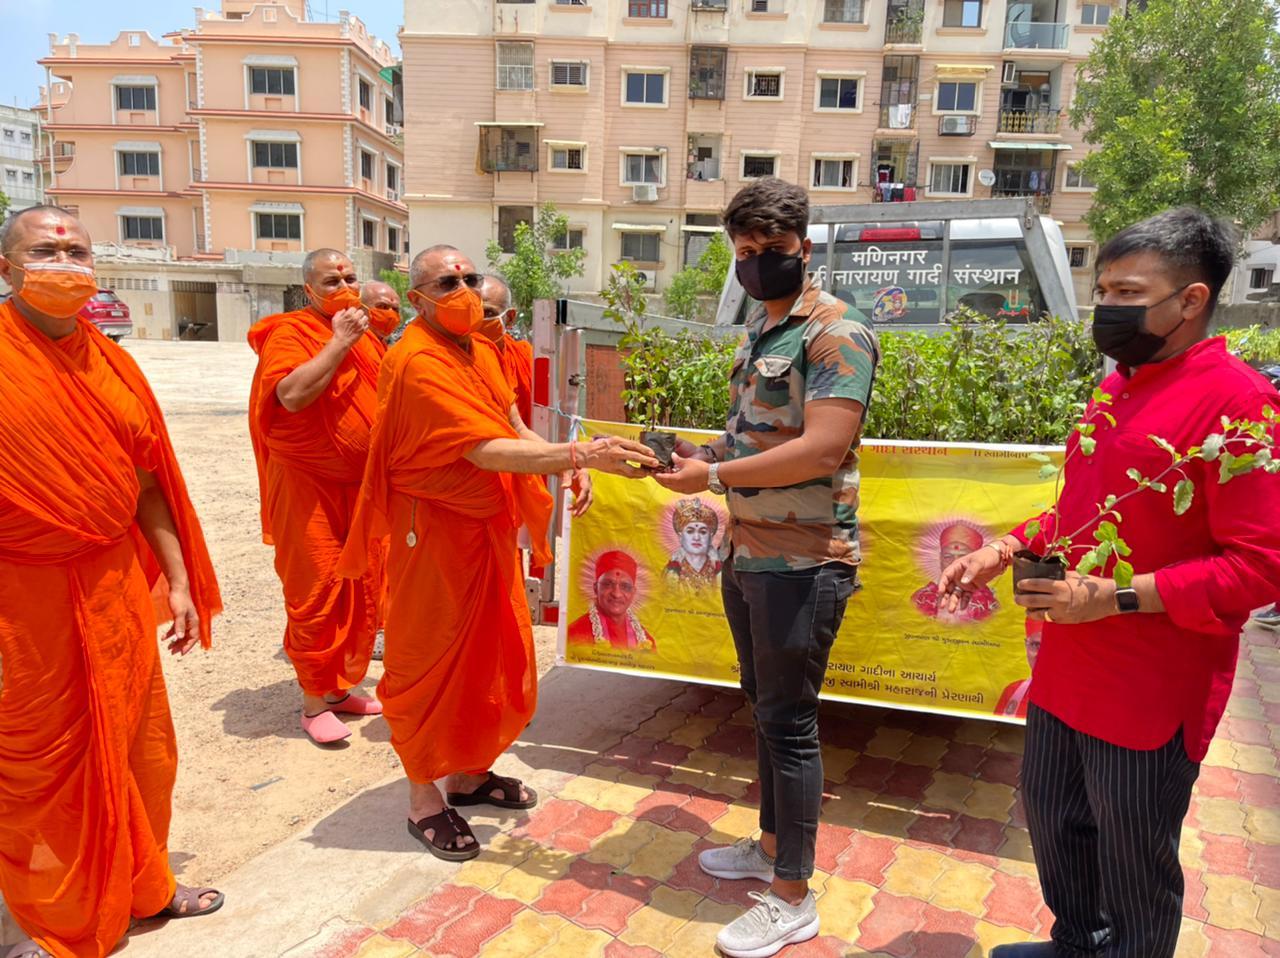 સંતાનો હાથે તુલસીનો છોડ સ્વીકારી રહેલો યુવક - Divya Bhaskar